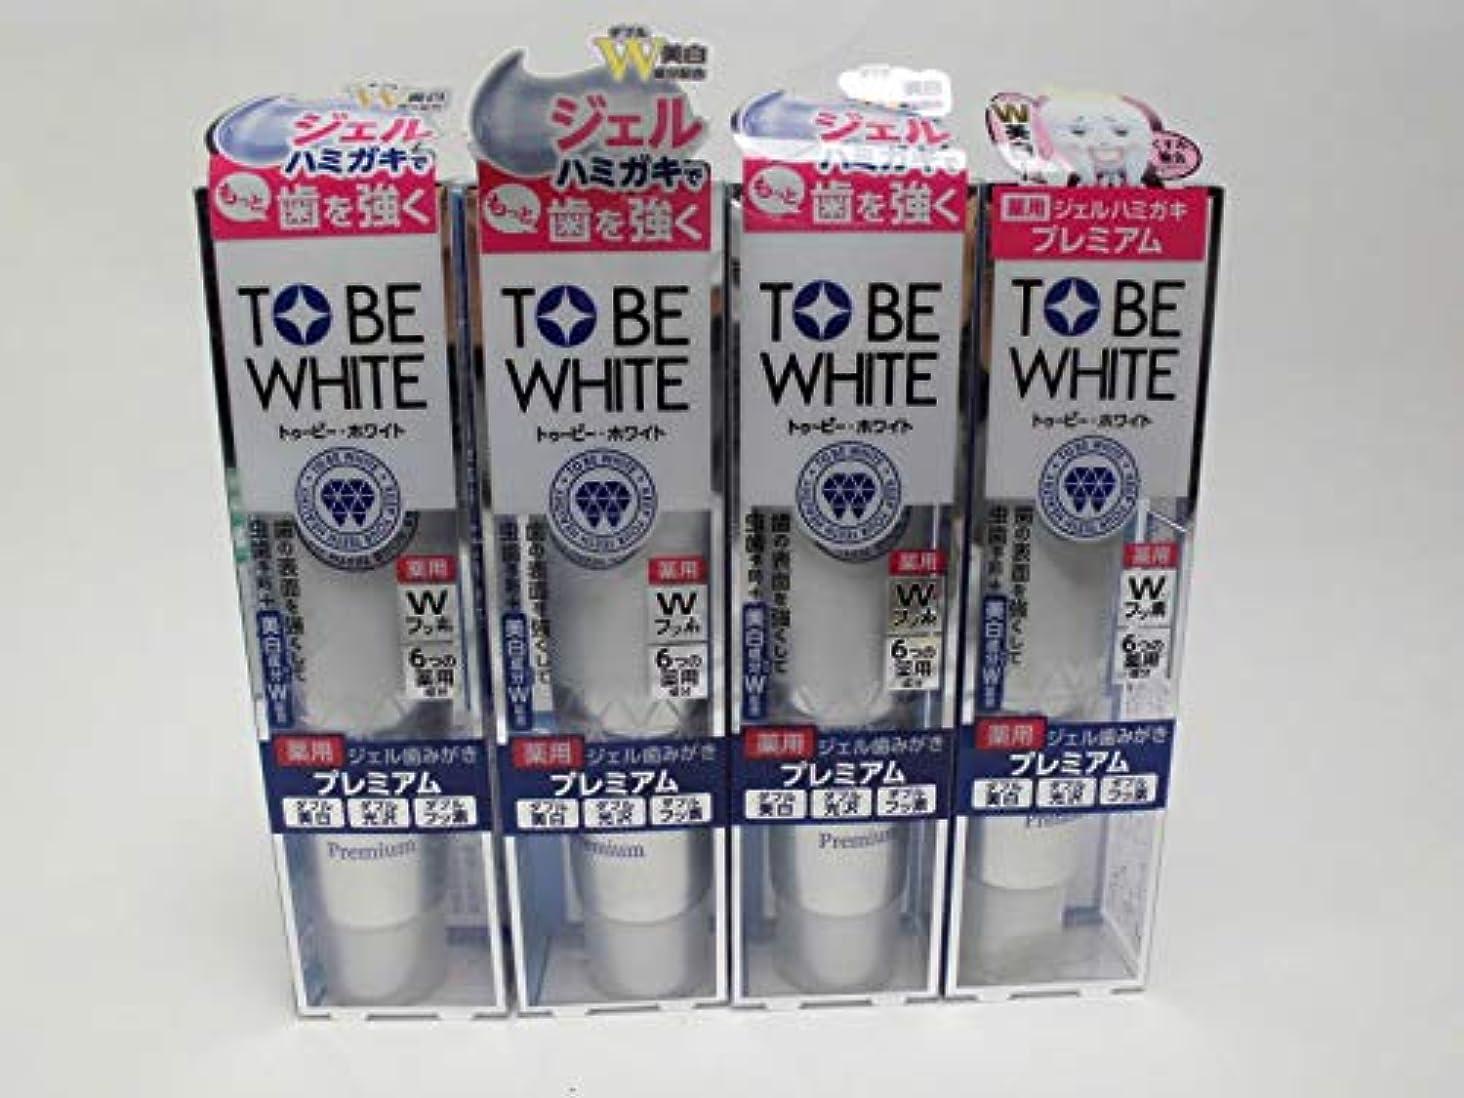 パース推論新着【4個セット】「歯周病予防+ホワイトニング」 トゥービー?ホワイト 薬用デンタル ジェル プレミアム (60g) 定価1540円×4個